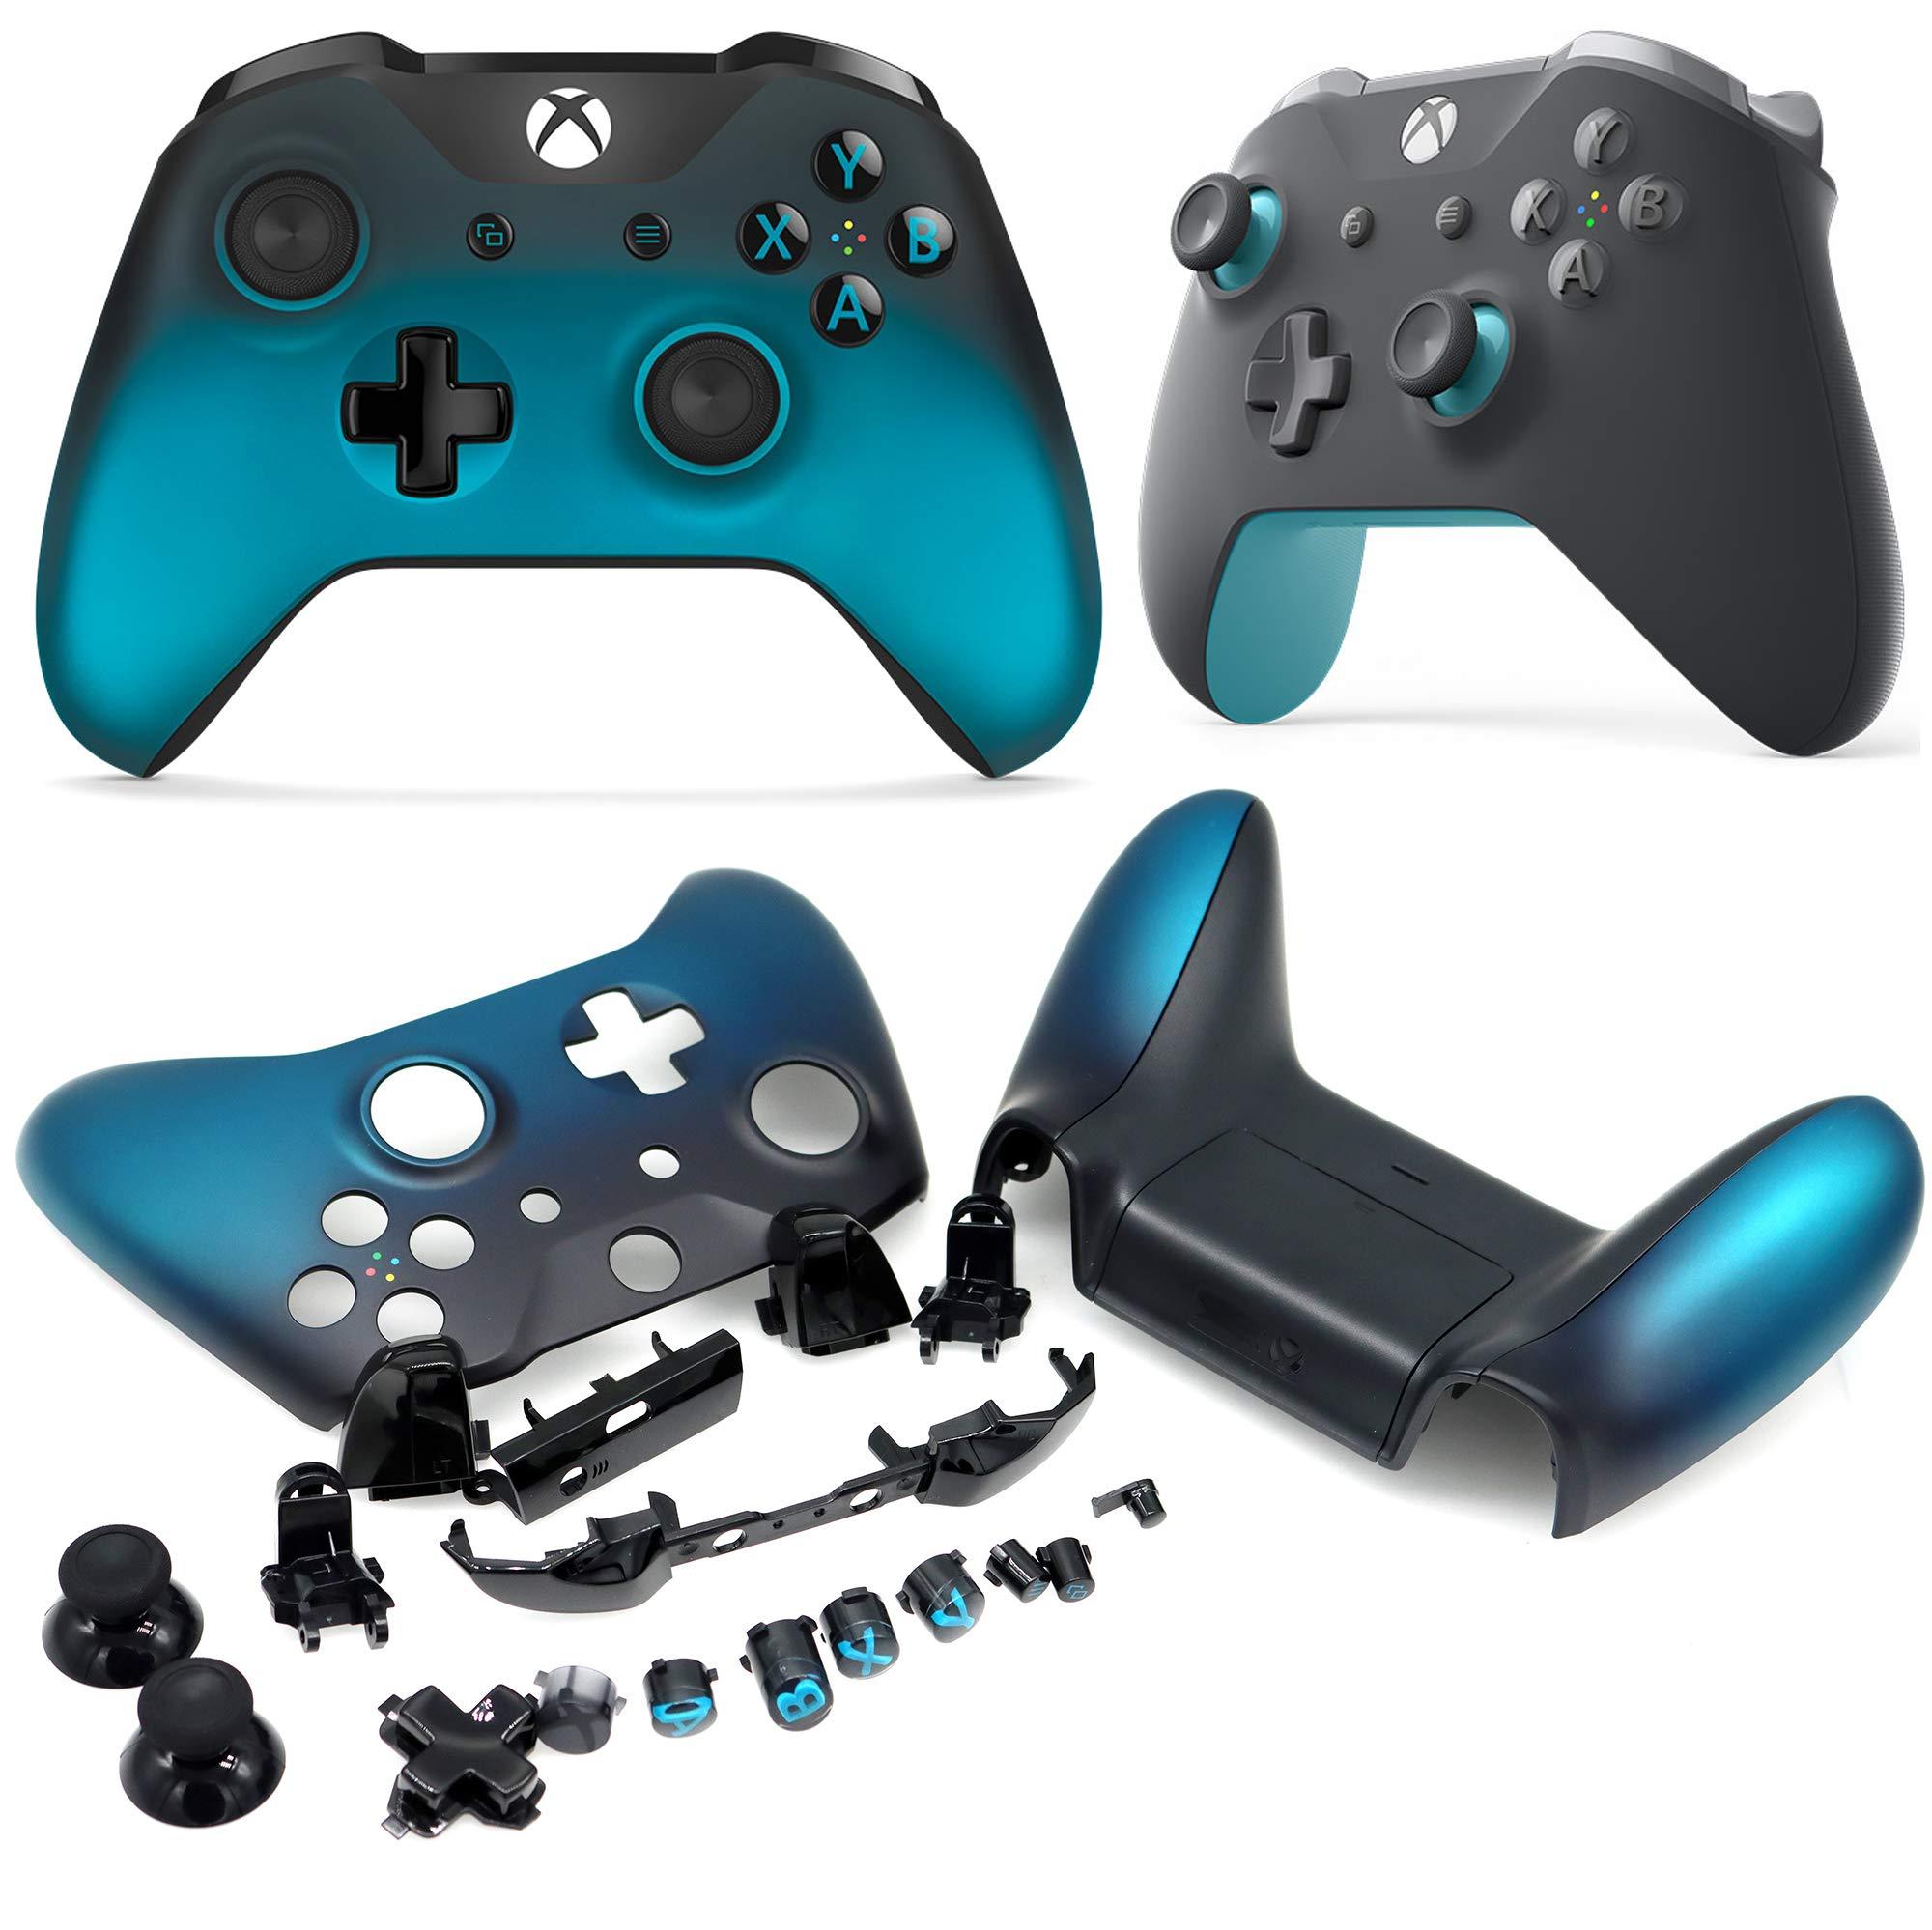 Deal4GO - Carcasa de Repuesto para Mando inalámbrico de Xbox One, Modelo 1708 Ocean Shadow Special Edition: Amazon.es: Electrónica